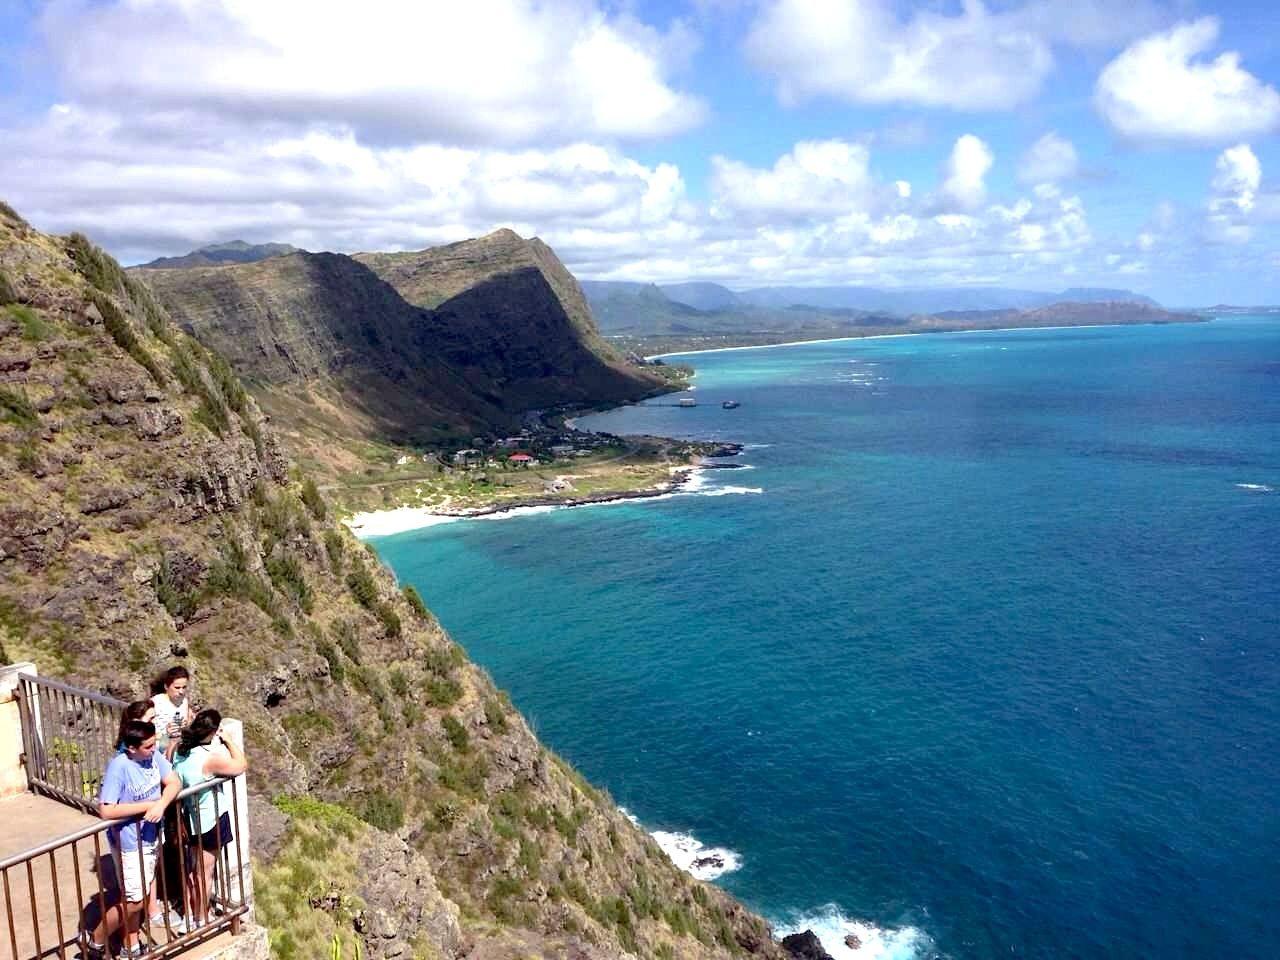 雄大な自然に感動!展望台から見るいつもと違うハワイ